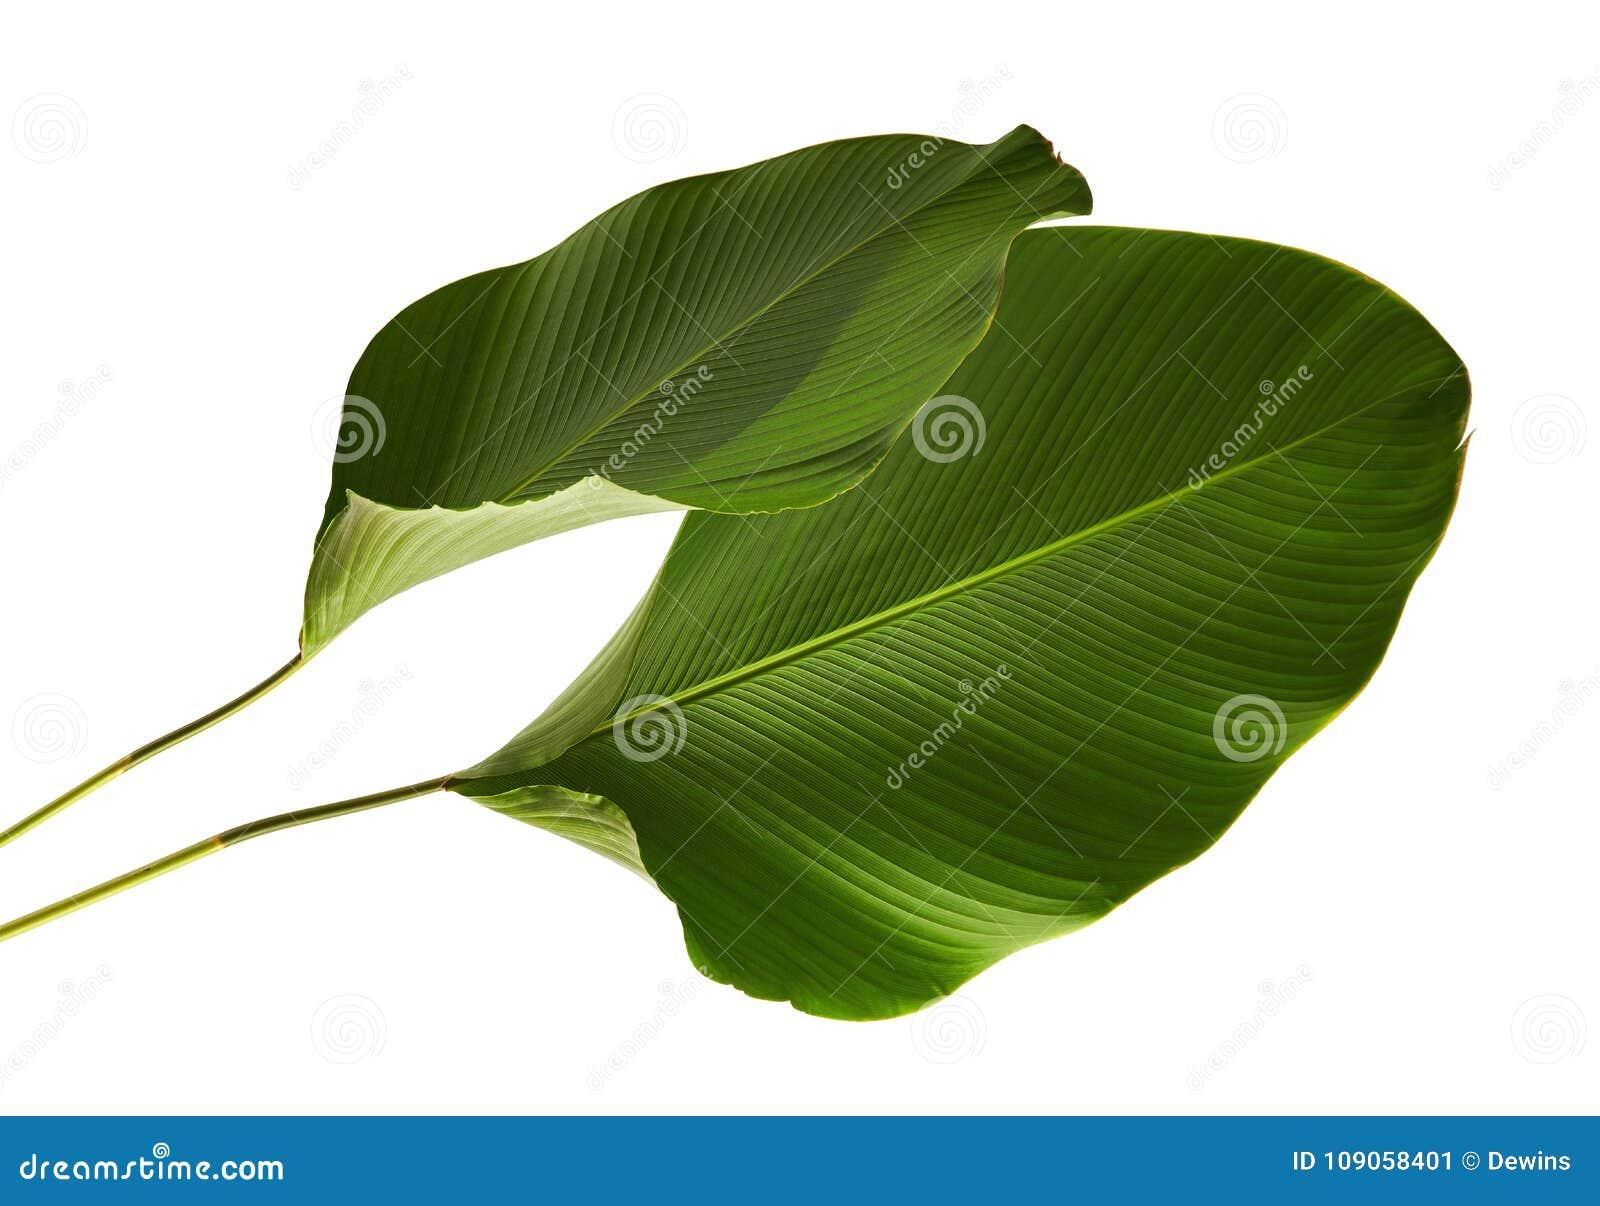 Calathea-lutea Laub, Zigarre Calathea, kubanische Zigarre, exotisches tropisches Blatt, Calathea-Blatt, lokalisiert auf weißem Hi